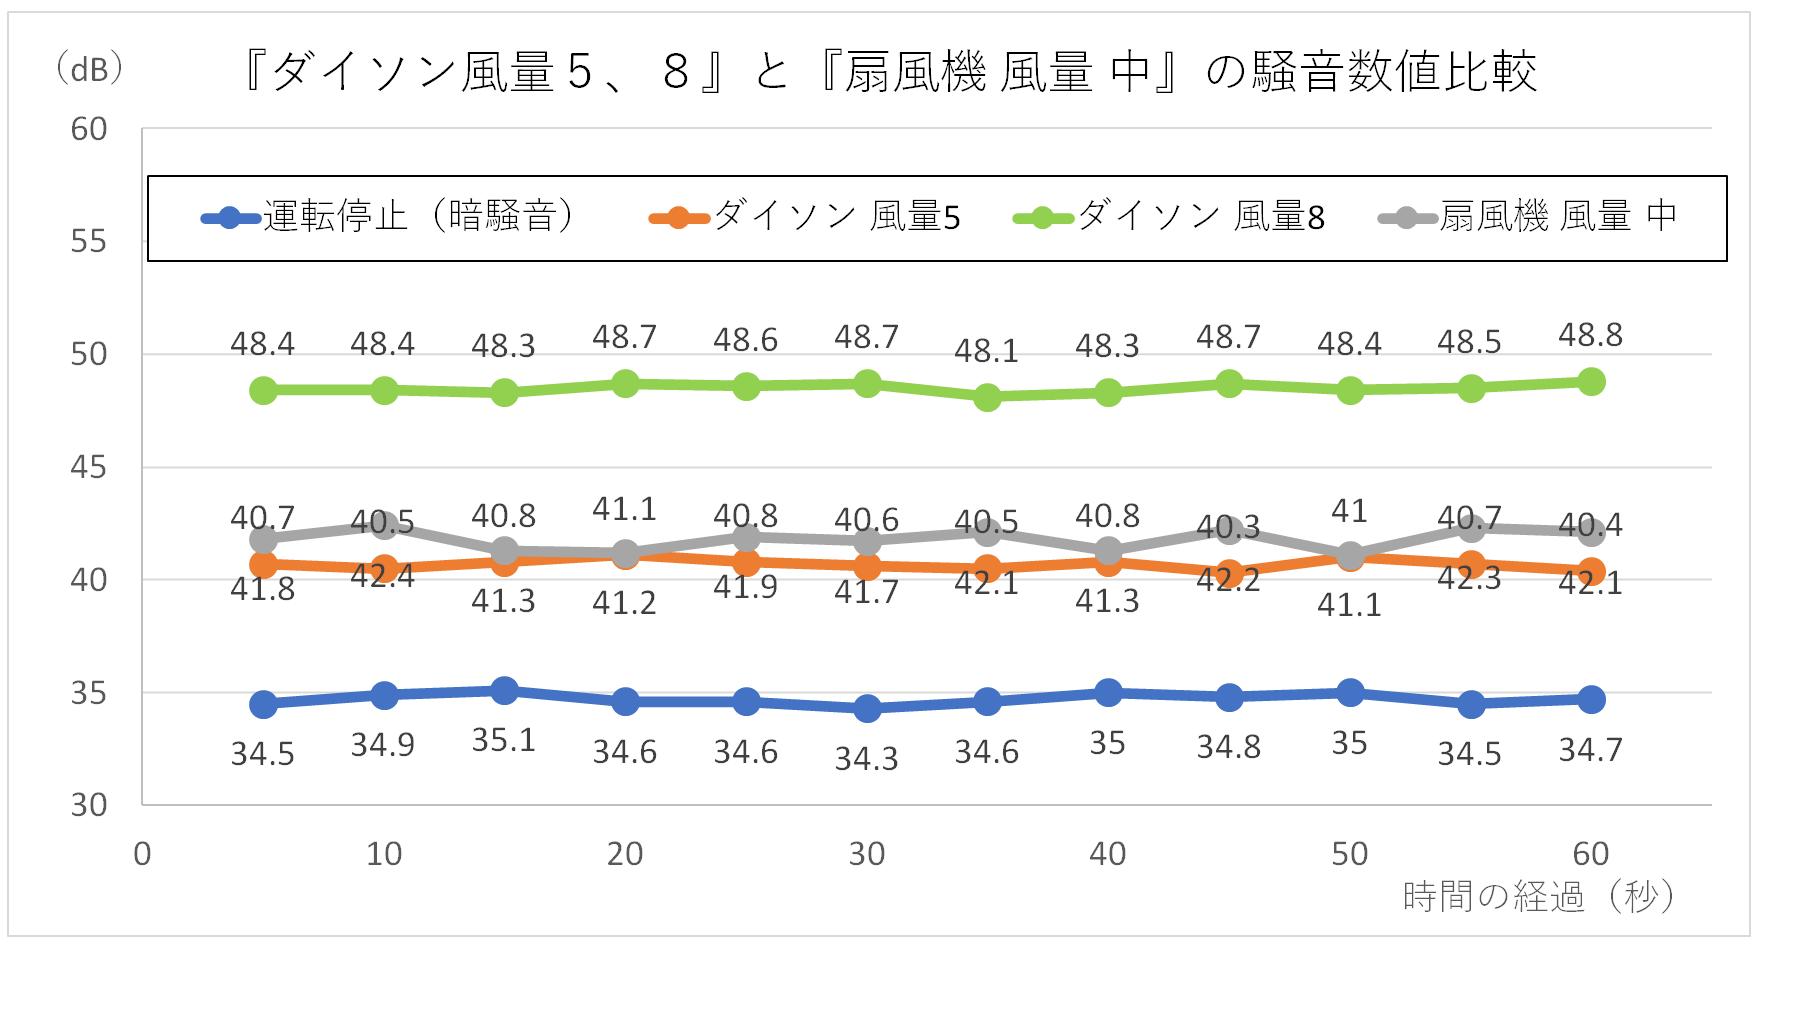 『ダイソン風量5、8』と『扇風機 風量 中』の騒音数値比較グラフ